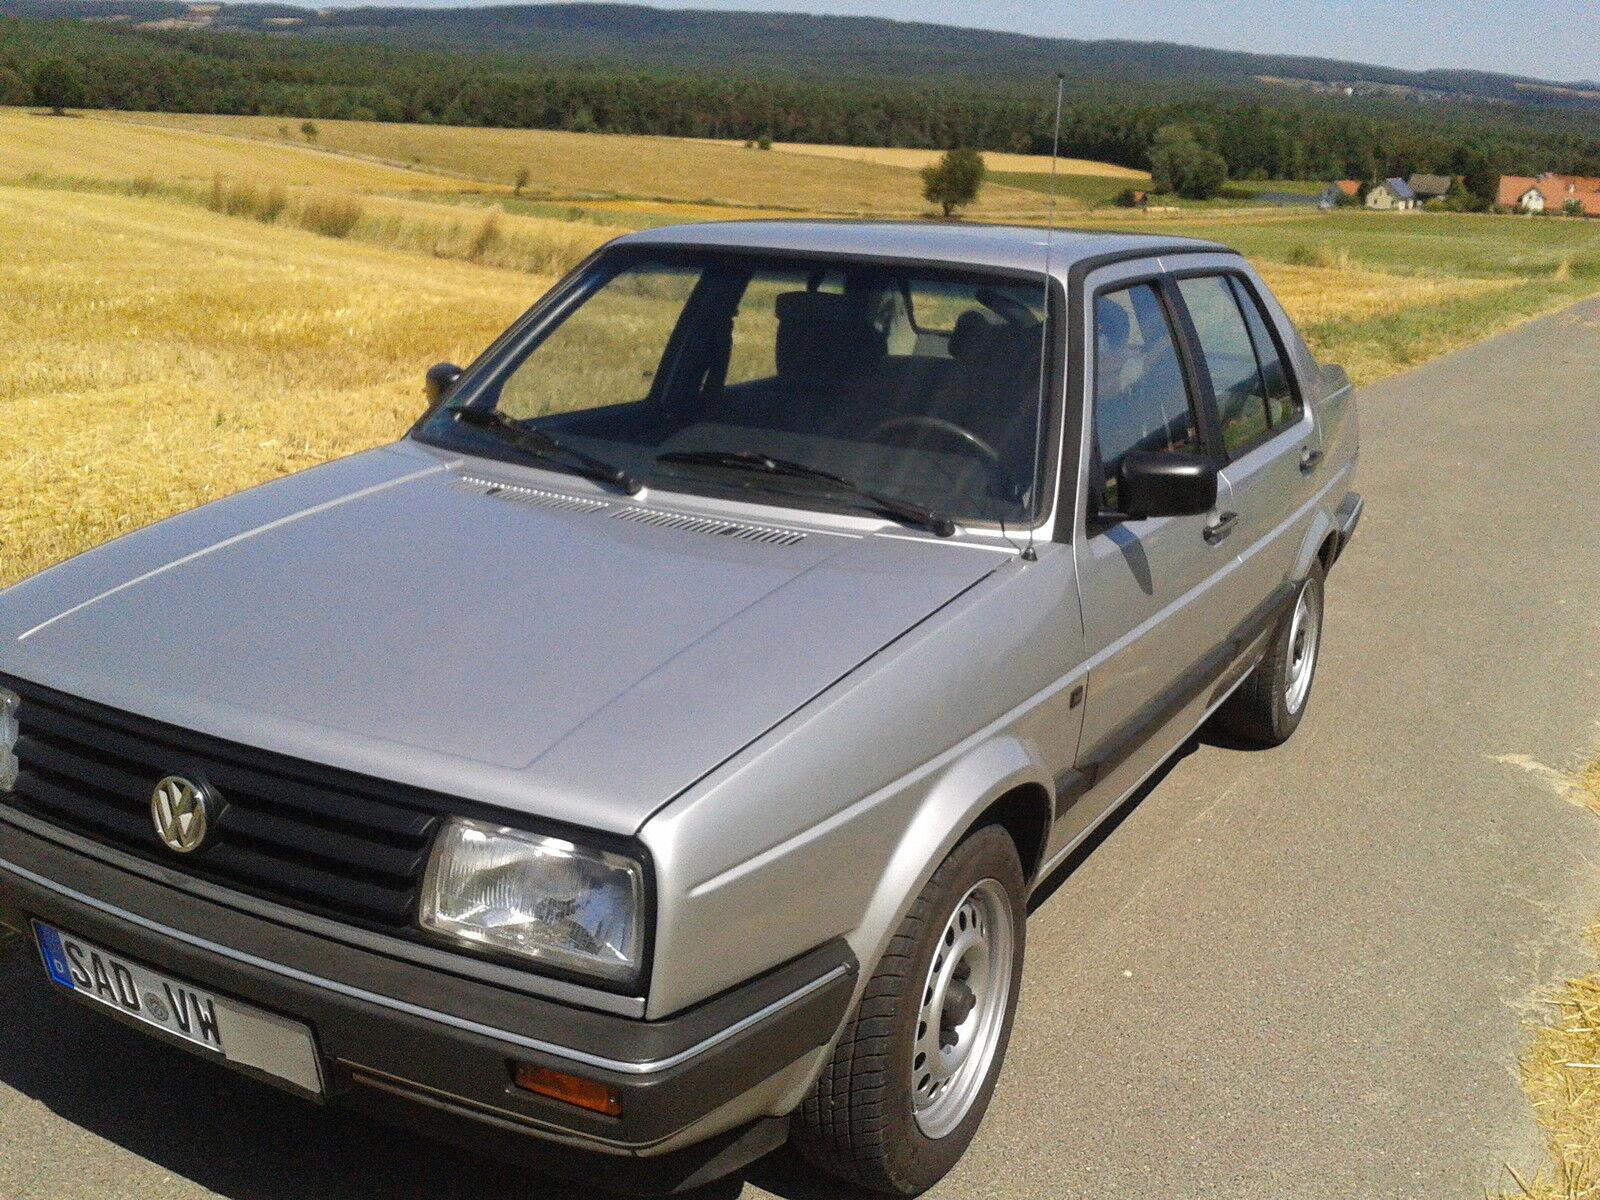 1988 volkswagen jetta gli 16v german cars for sale blog. Black Bedroom Furniture Sets. Home Design Ideas